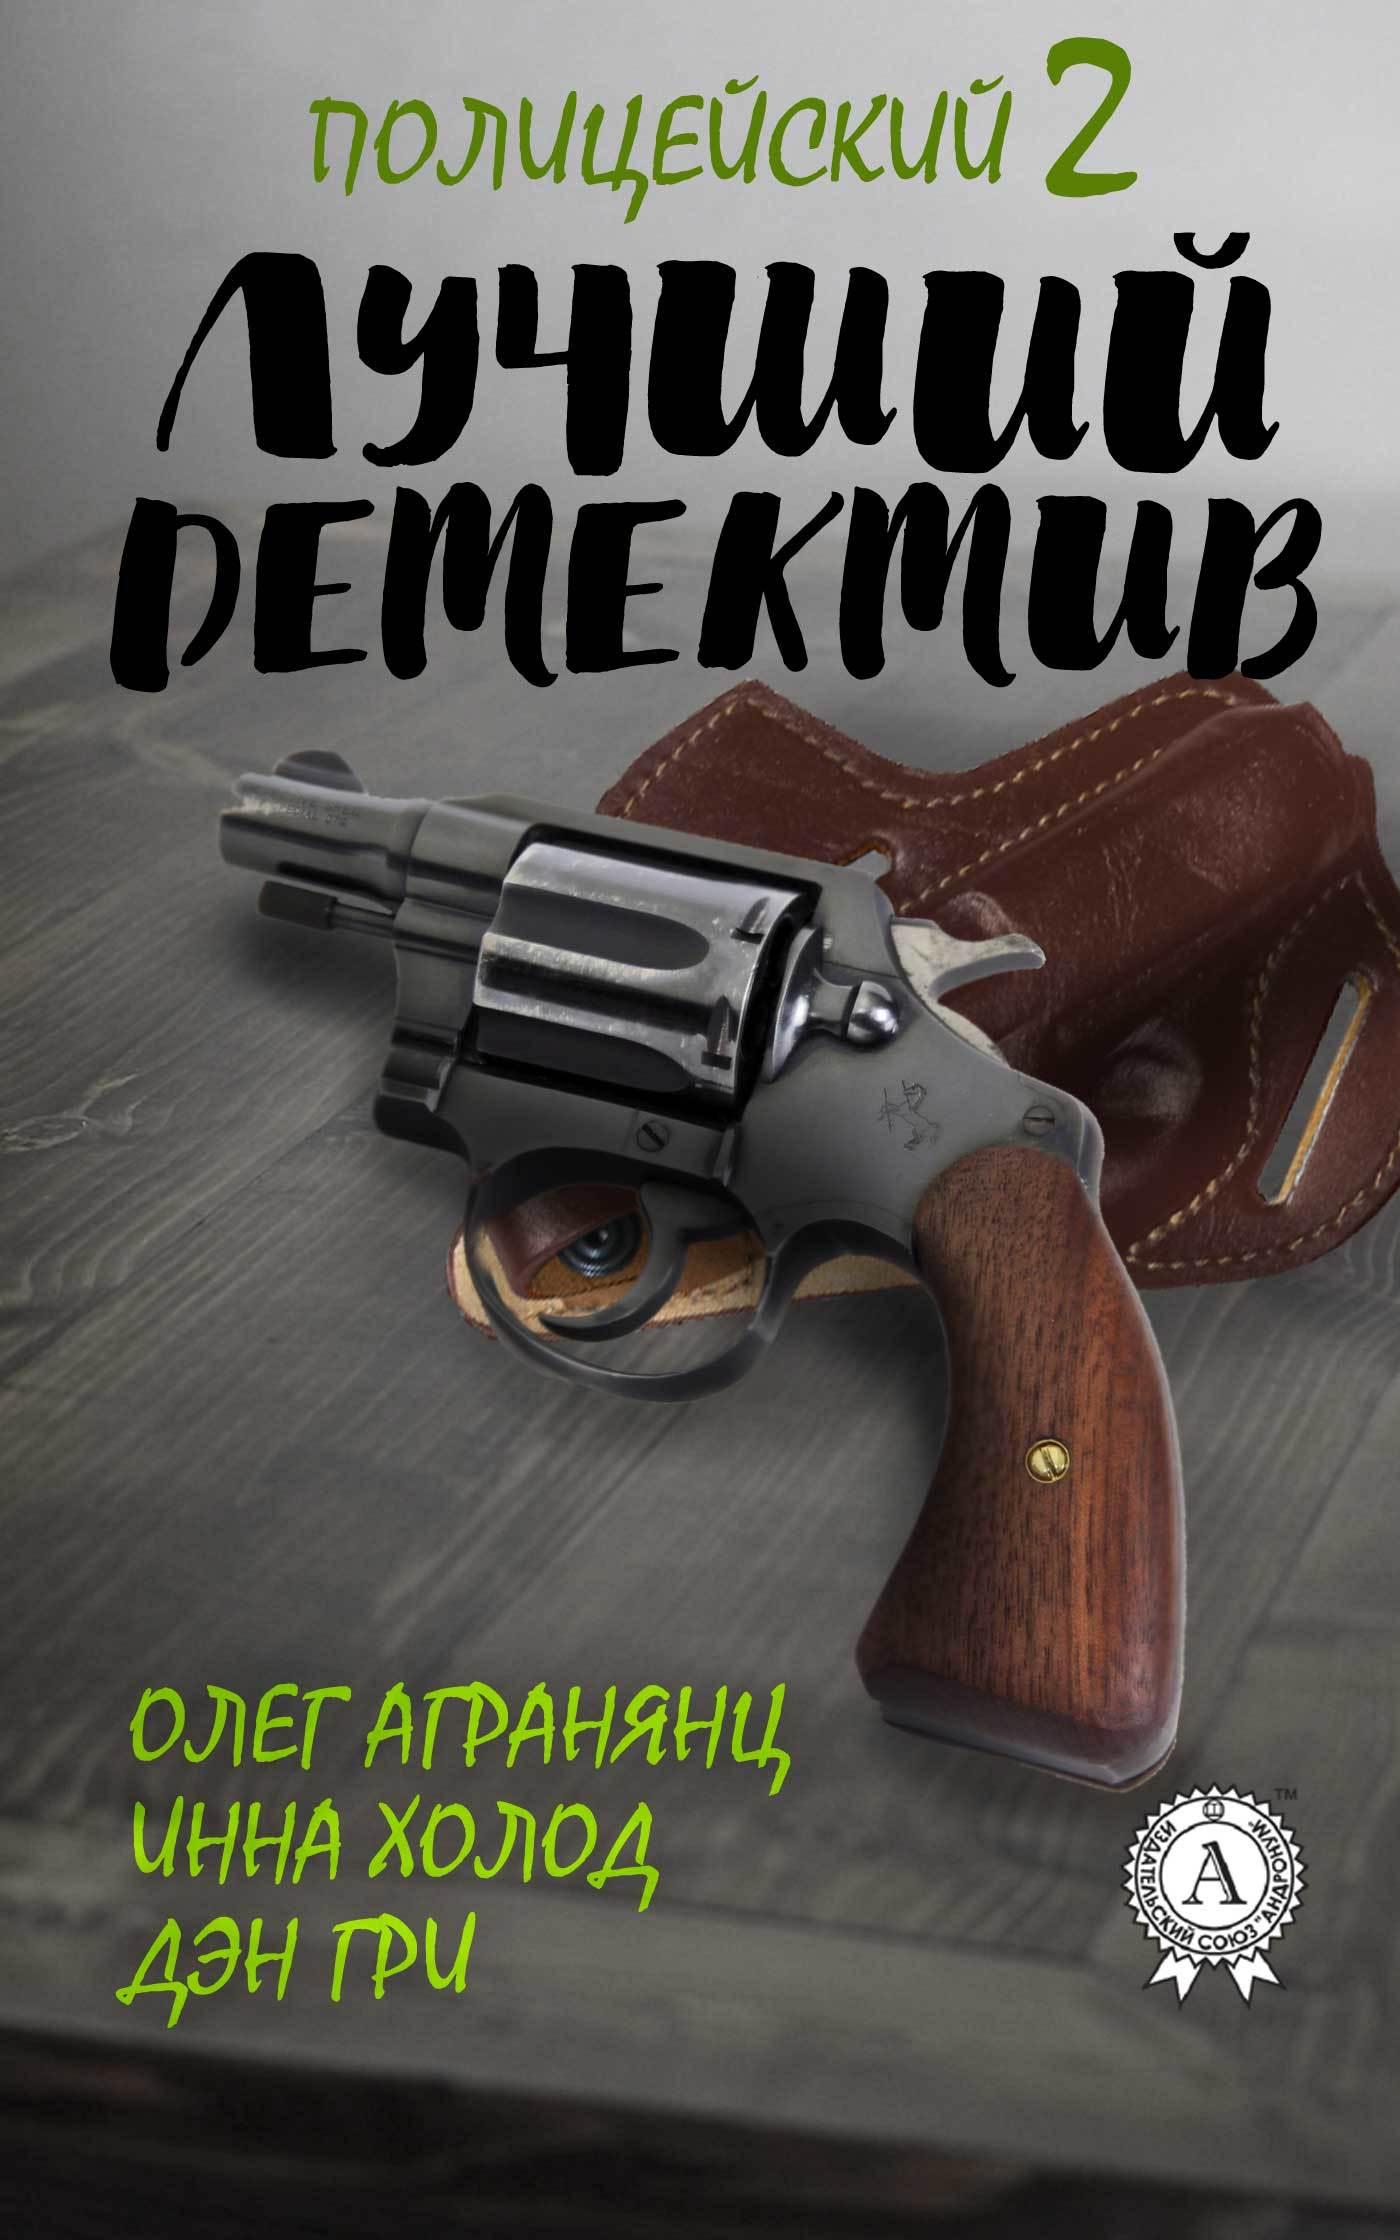 Олег Агранянц Лучший полицейский детектив – 2 сканер полицейский 2 смотреть онлайн